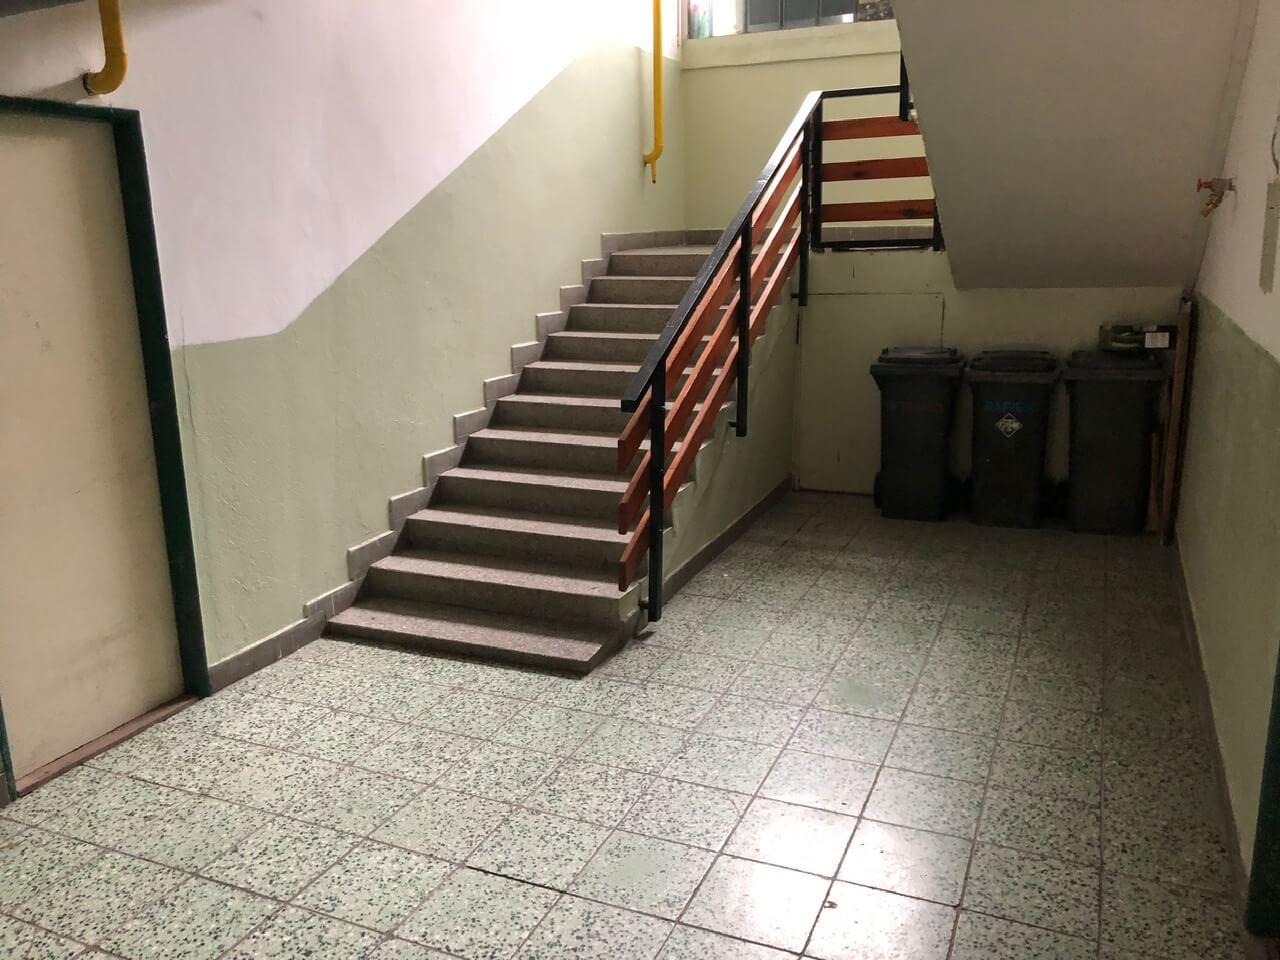 Predaný: Exkluzívne na predaj 3 izb. byt, 81,7m2, balkón 5 m2, pivnica 6m2, garáž, Dunajská Lužná, ulica Brezová-37